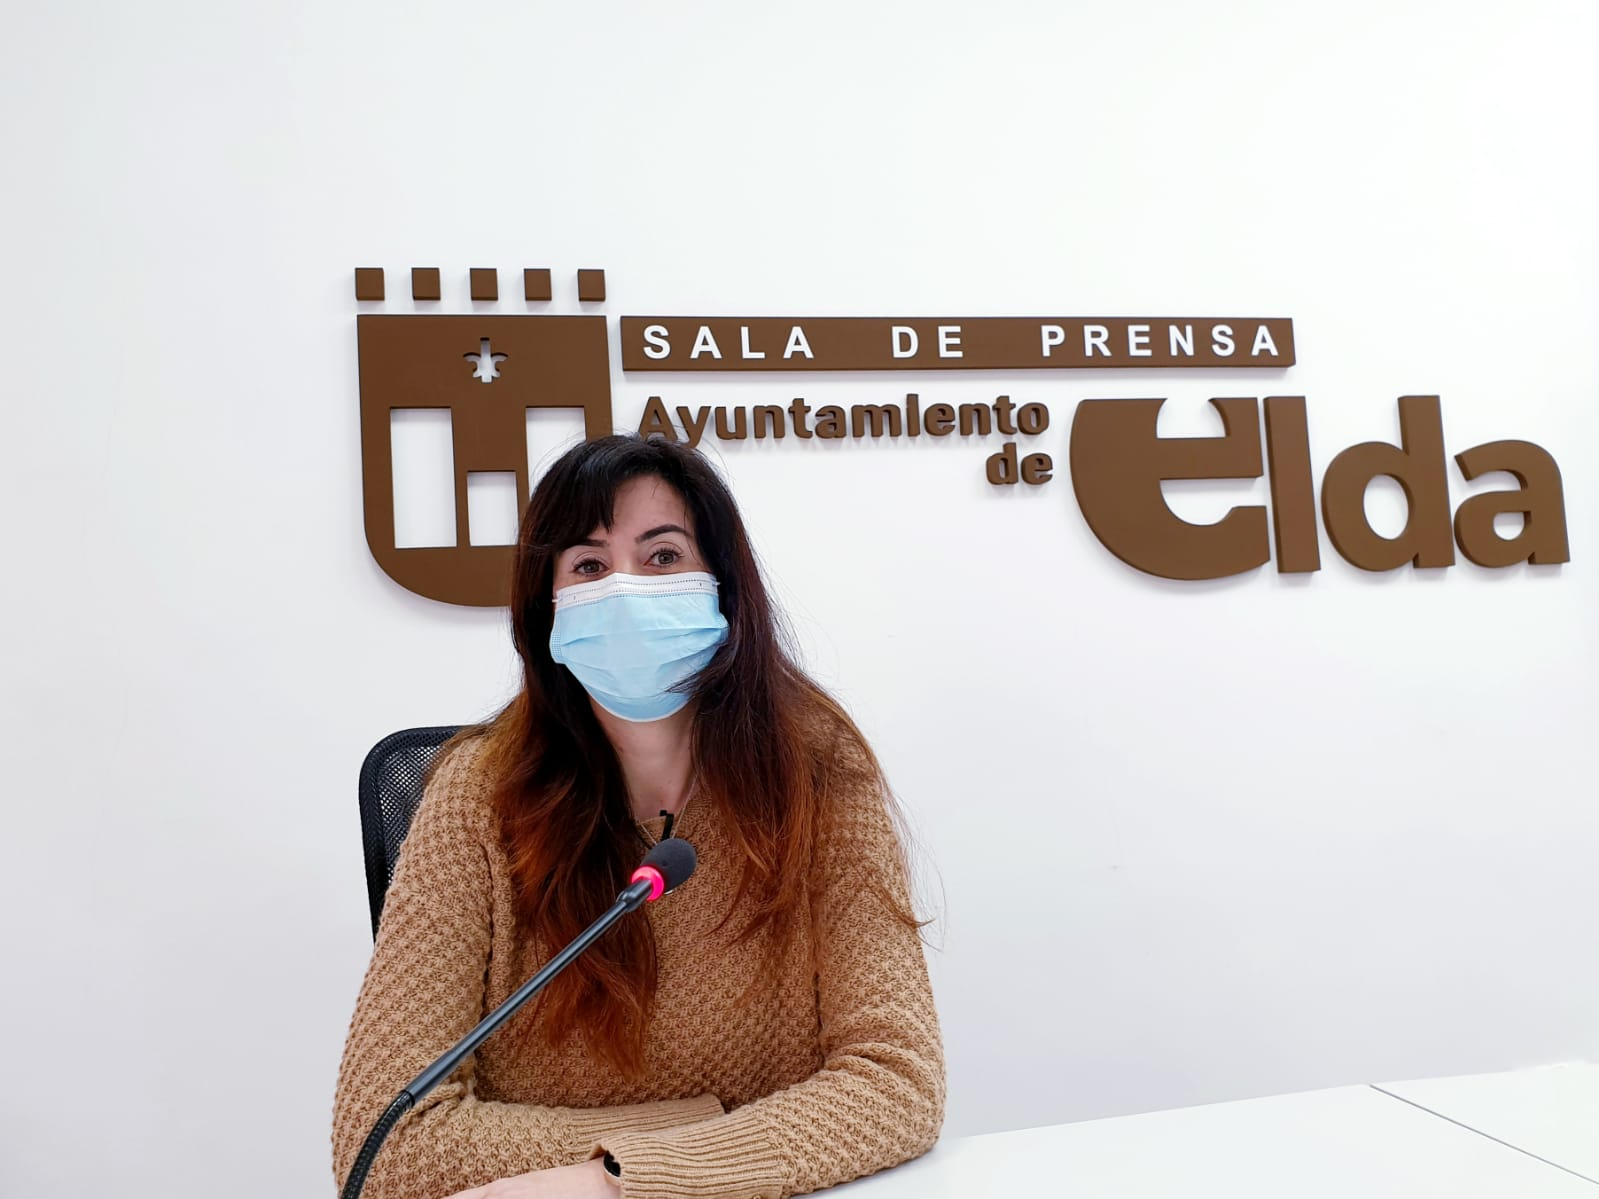 El Instituto Municipal de Servicios Sociales destinó el año pasado cerca de un millón de euros a ayudas para atender a 1.246 personas Notícies de proximitat - #Elda